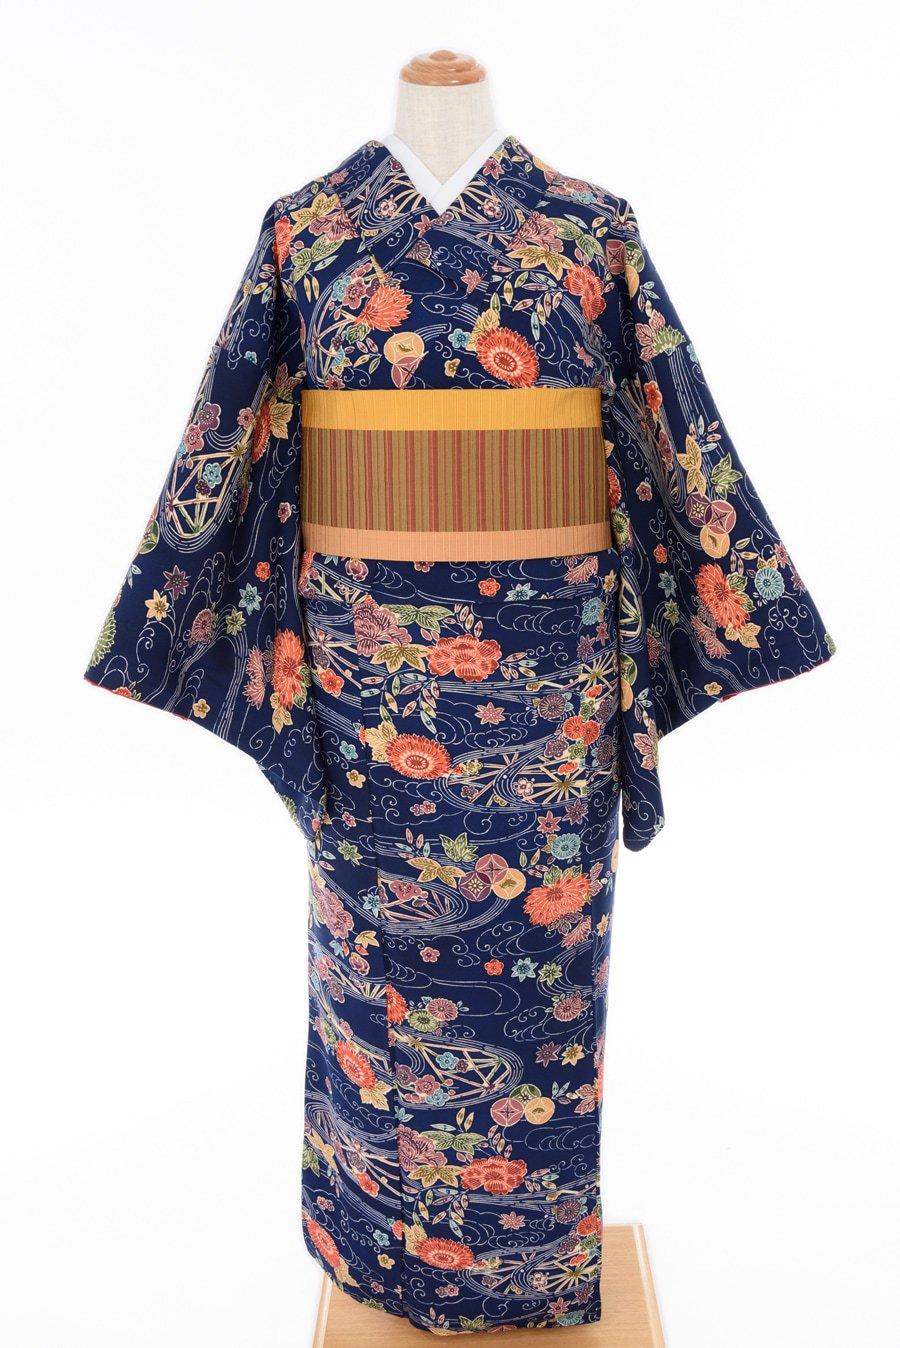 「紺地 流水に菊・梅・牡丹」の商品画像